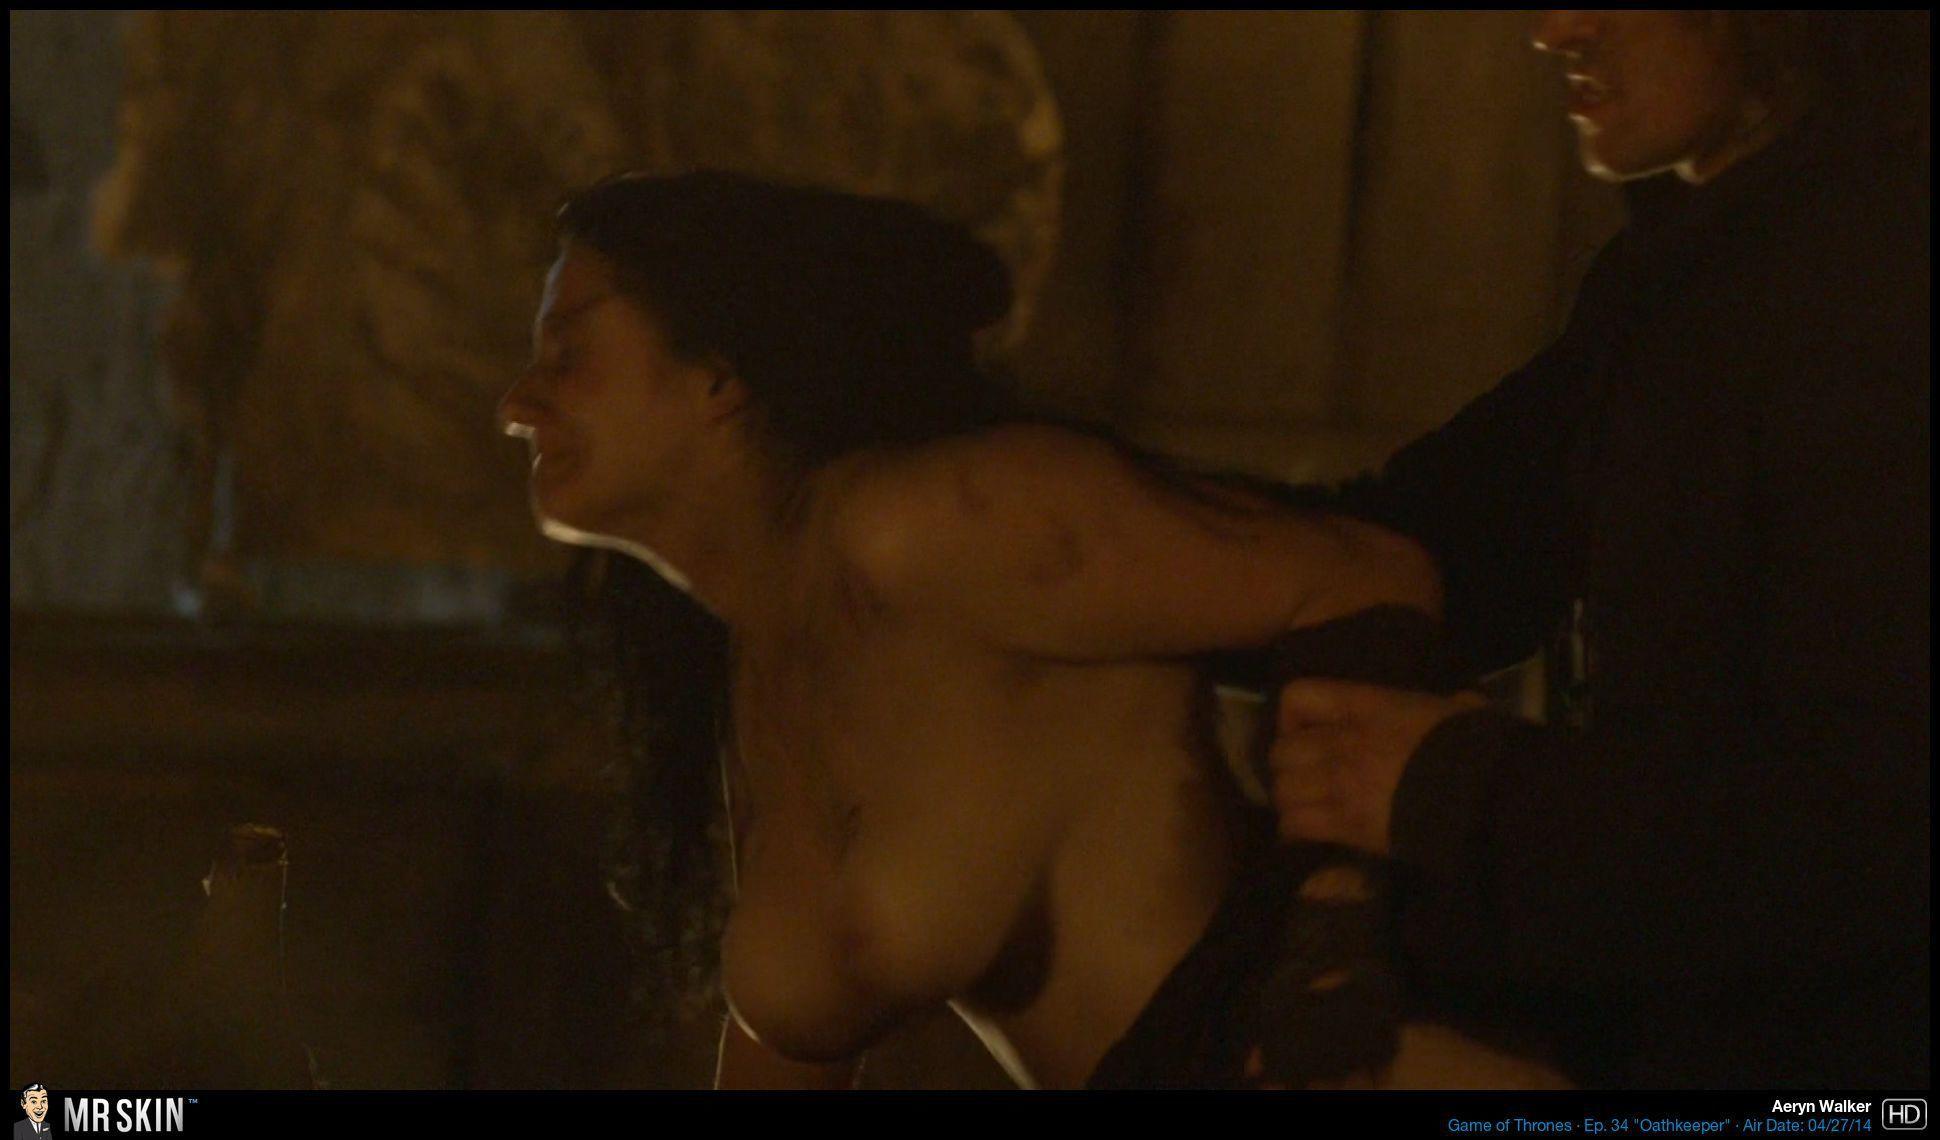 Hilary swank nude scenes